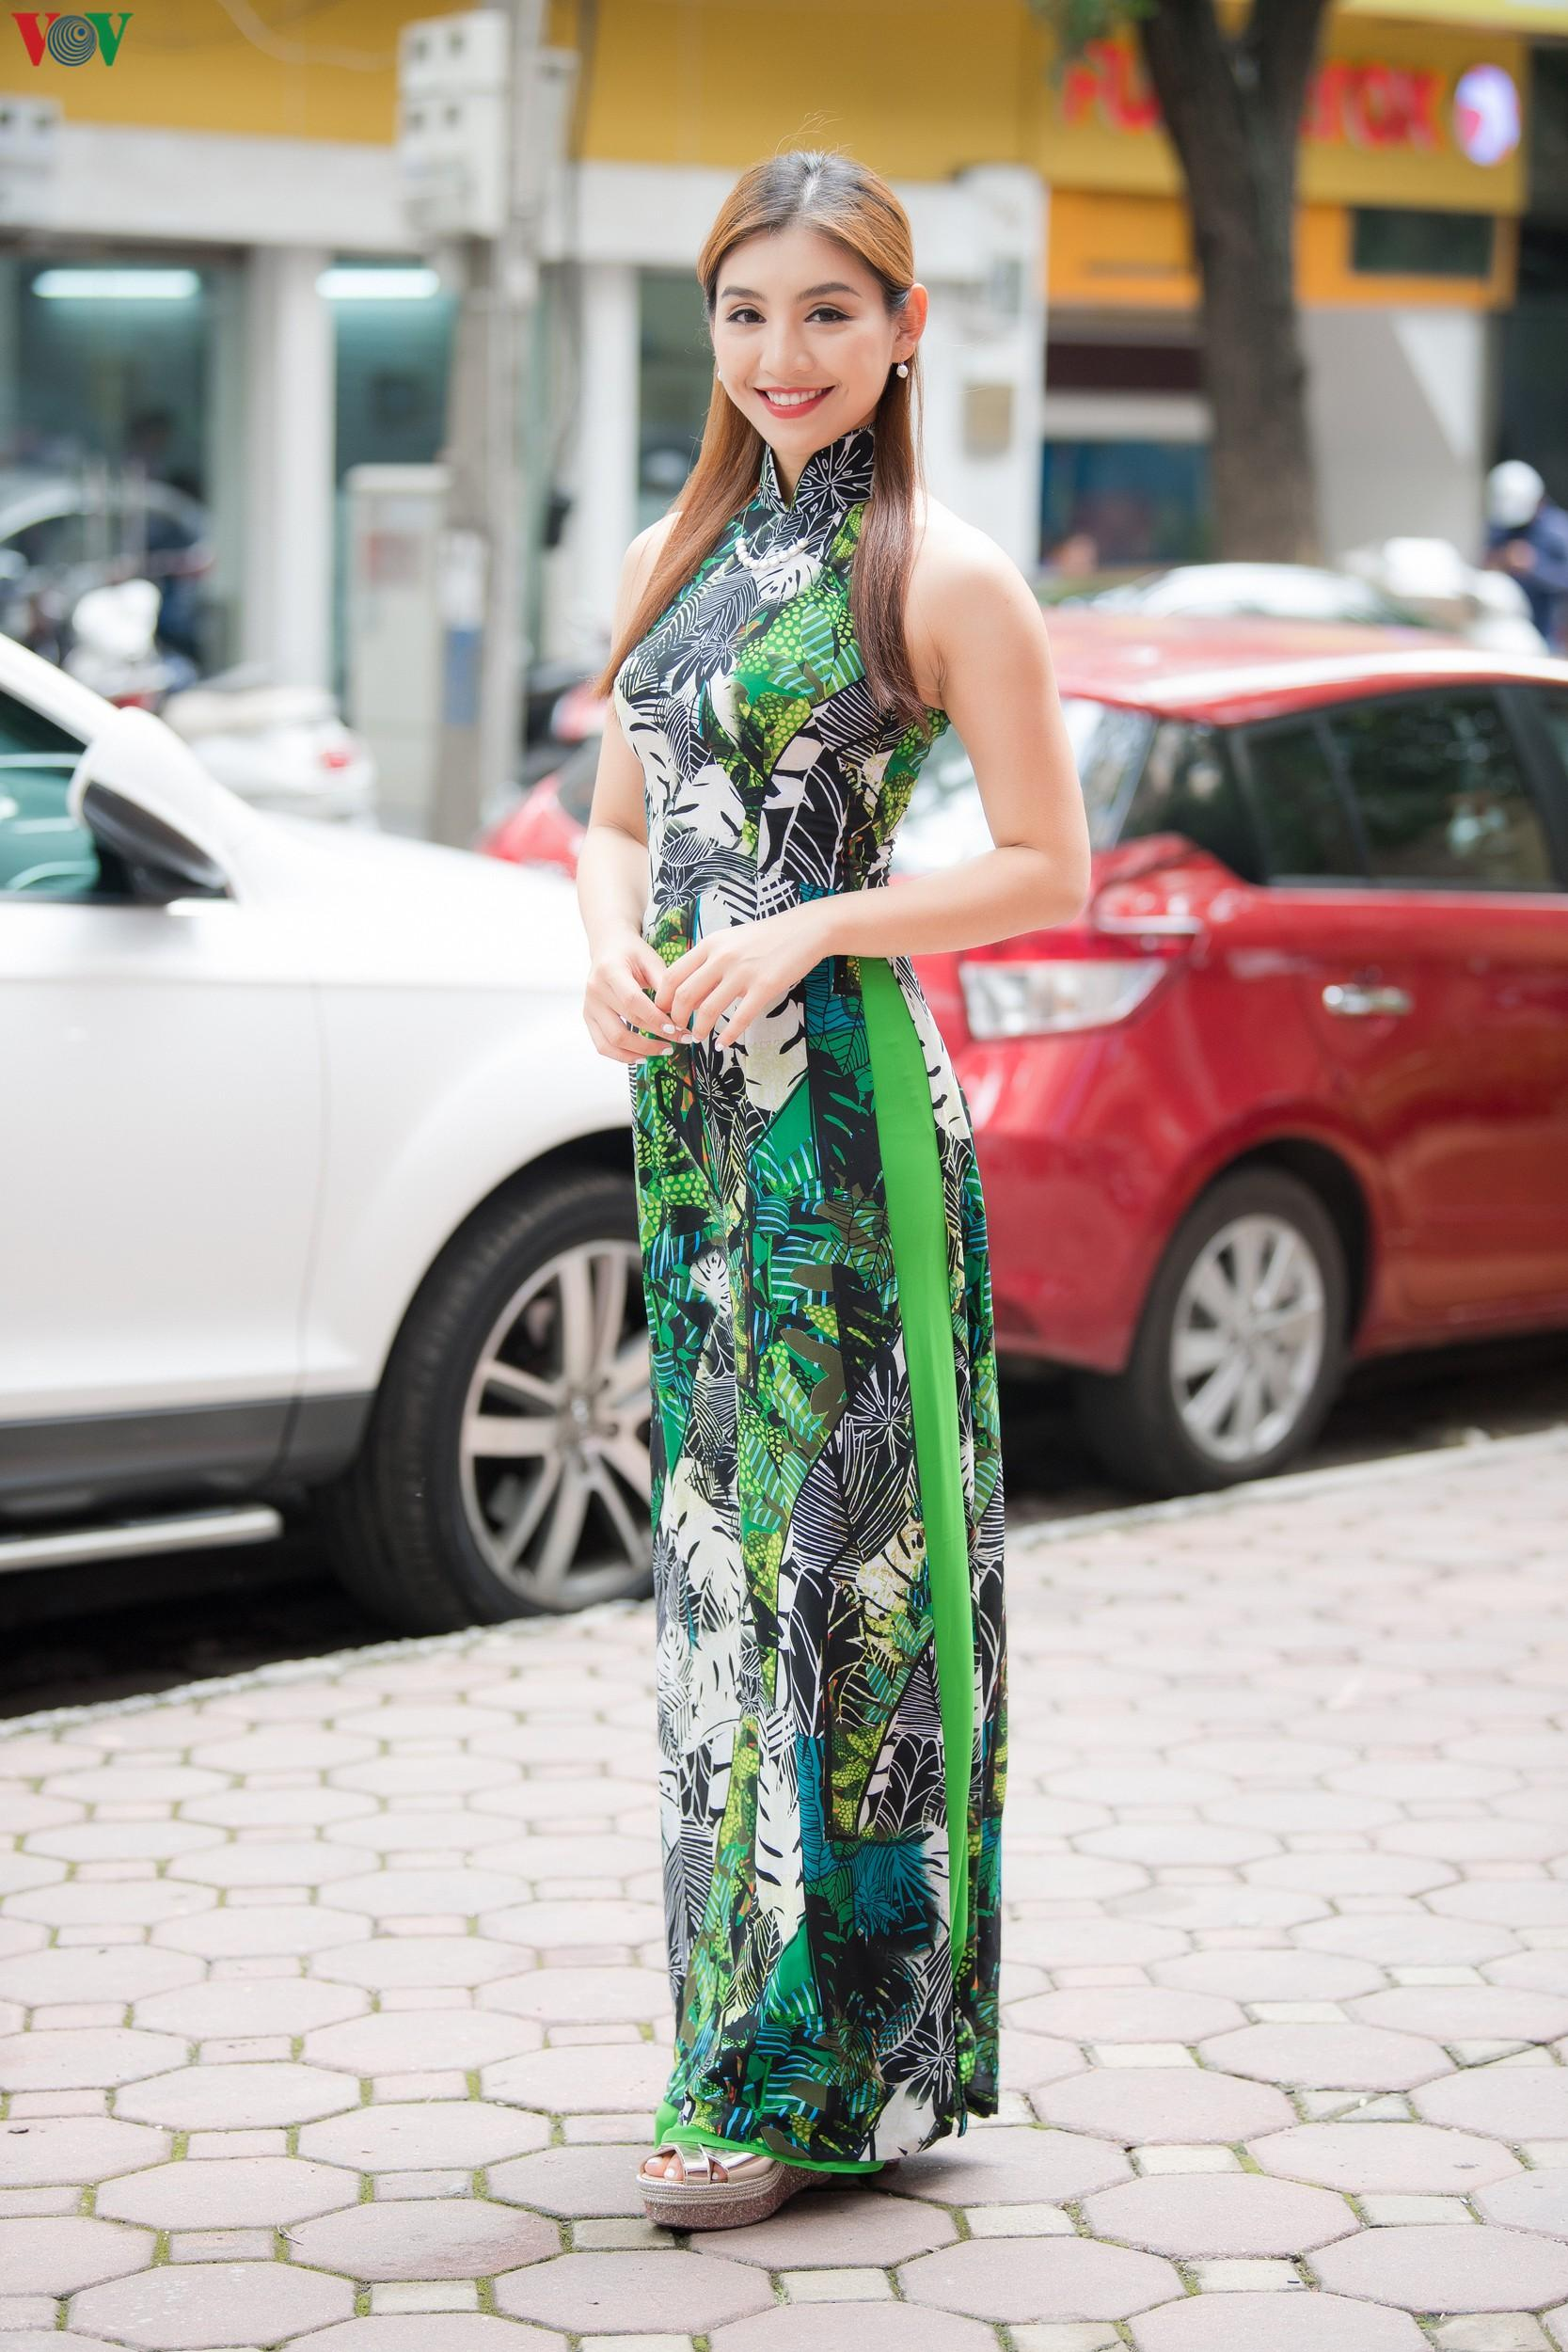 Hoa hậu Ngọc Hân, Đỗ Mỹ Linh đọ dáng với áo dài in hình biển đảo Ảnh 11